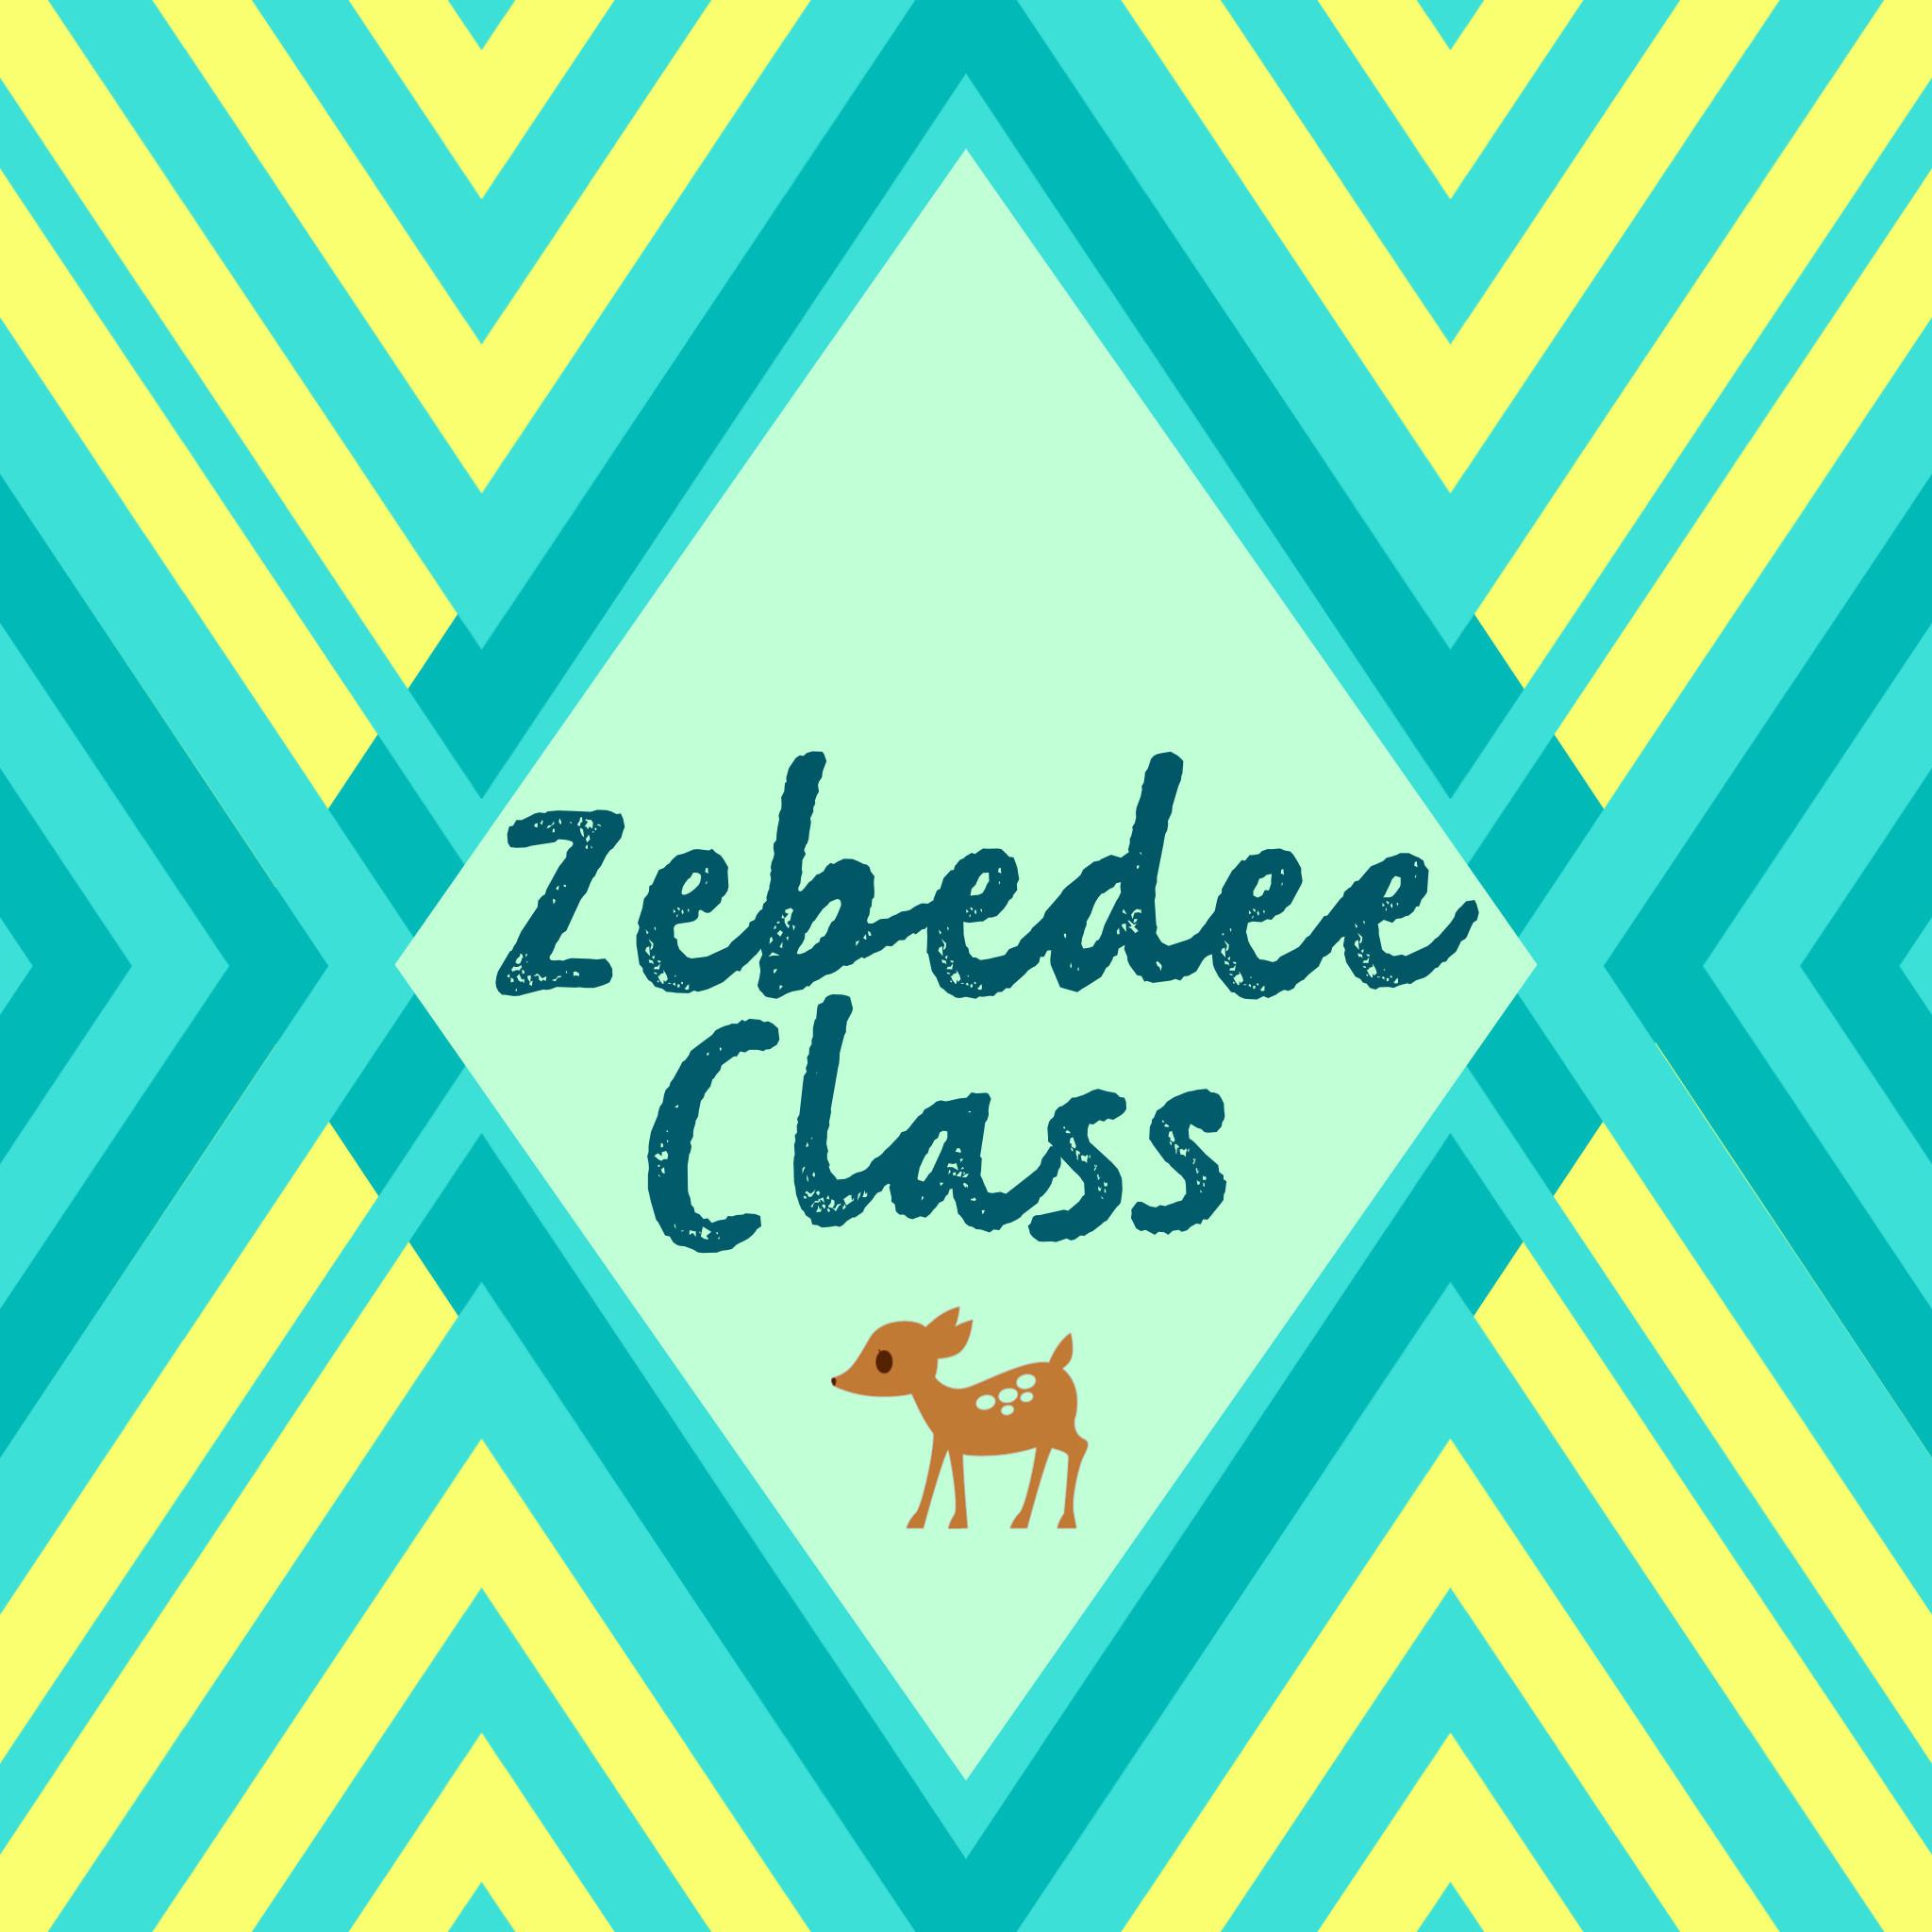 Zebedee Class Wed. 10:45 am. Autumn Term